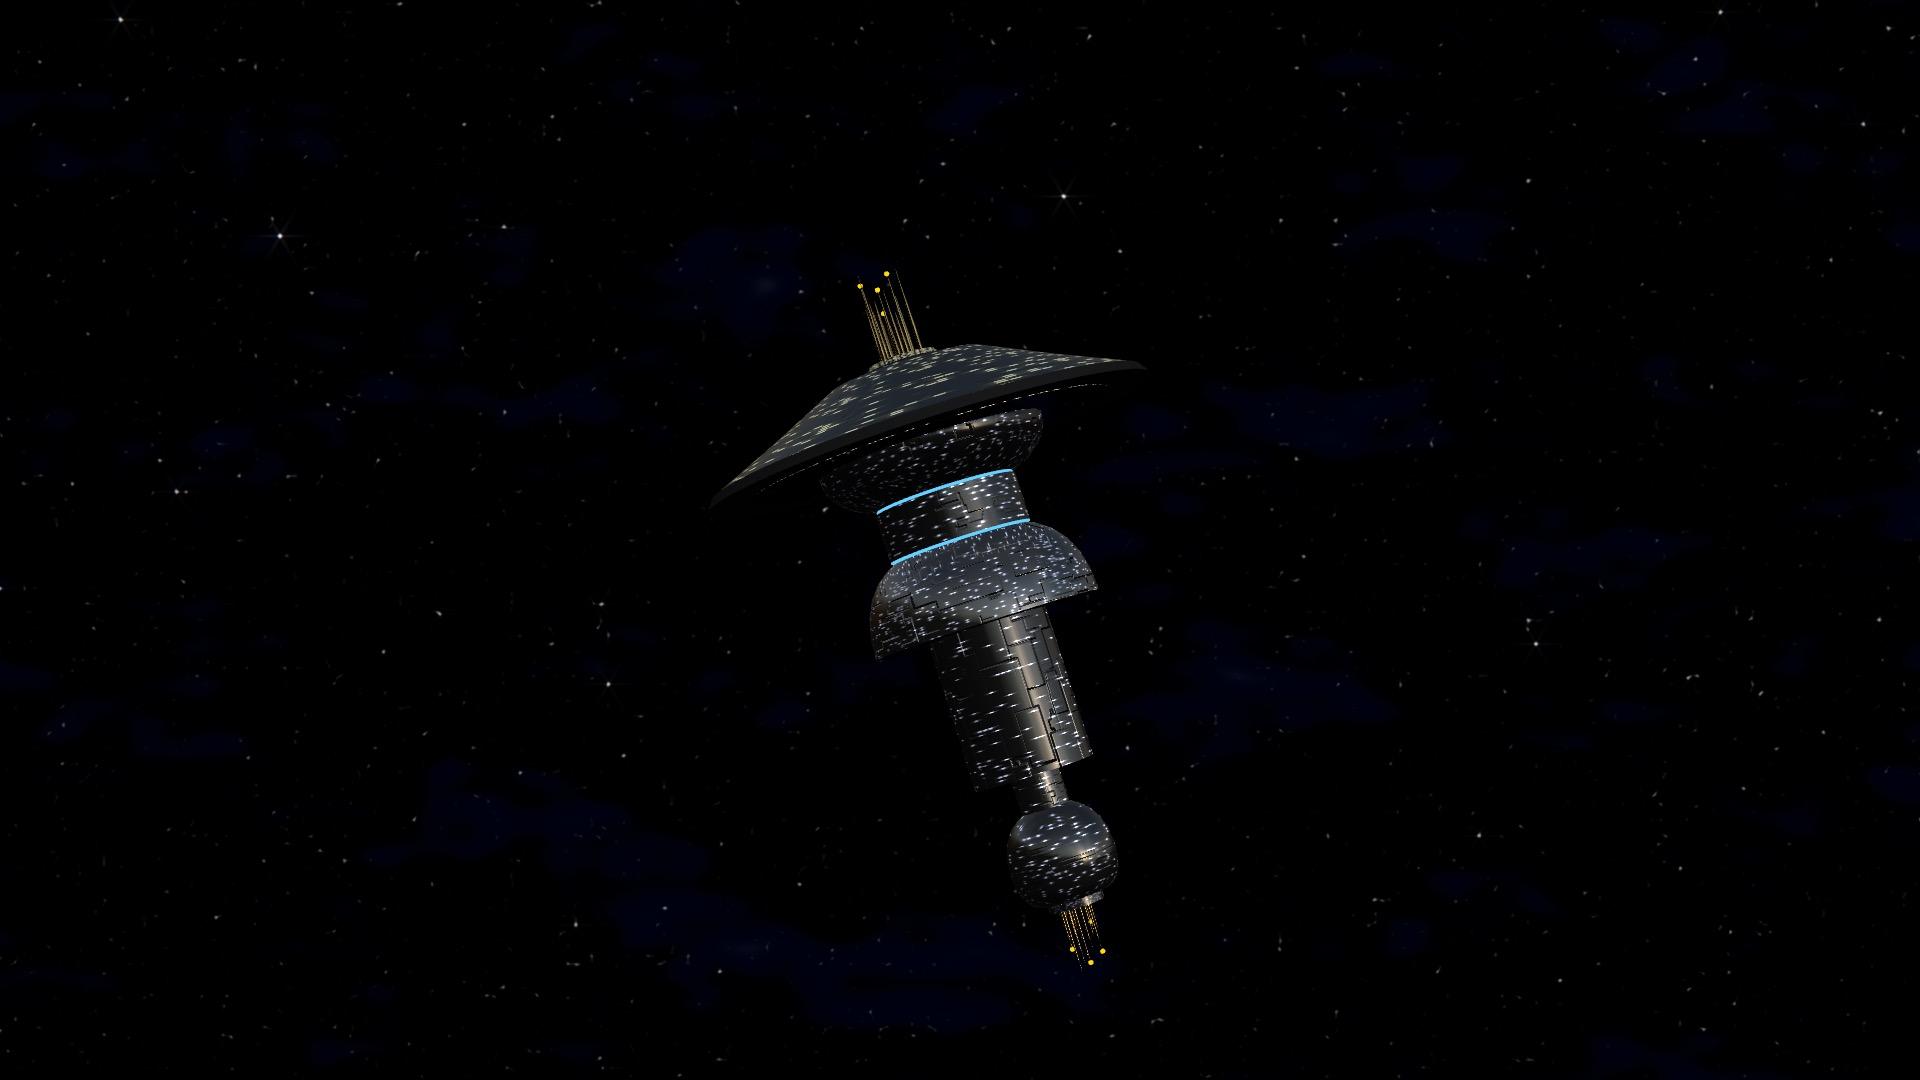 starbase 1 trekkie starship font